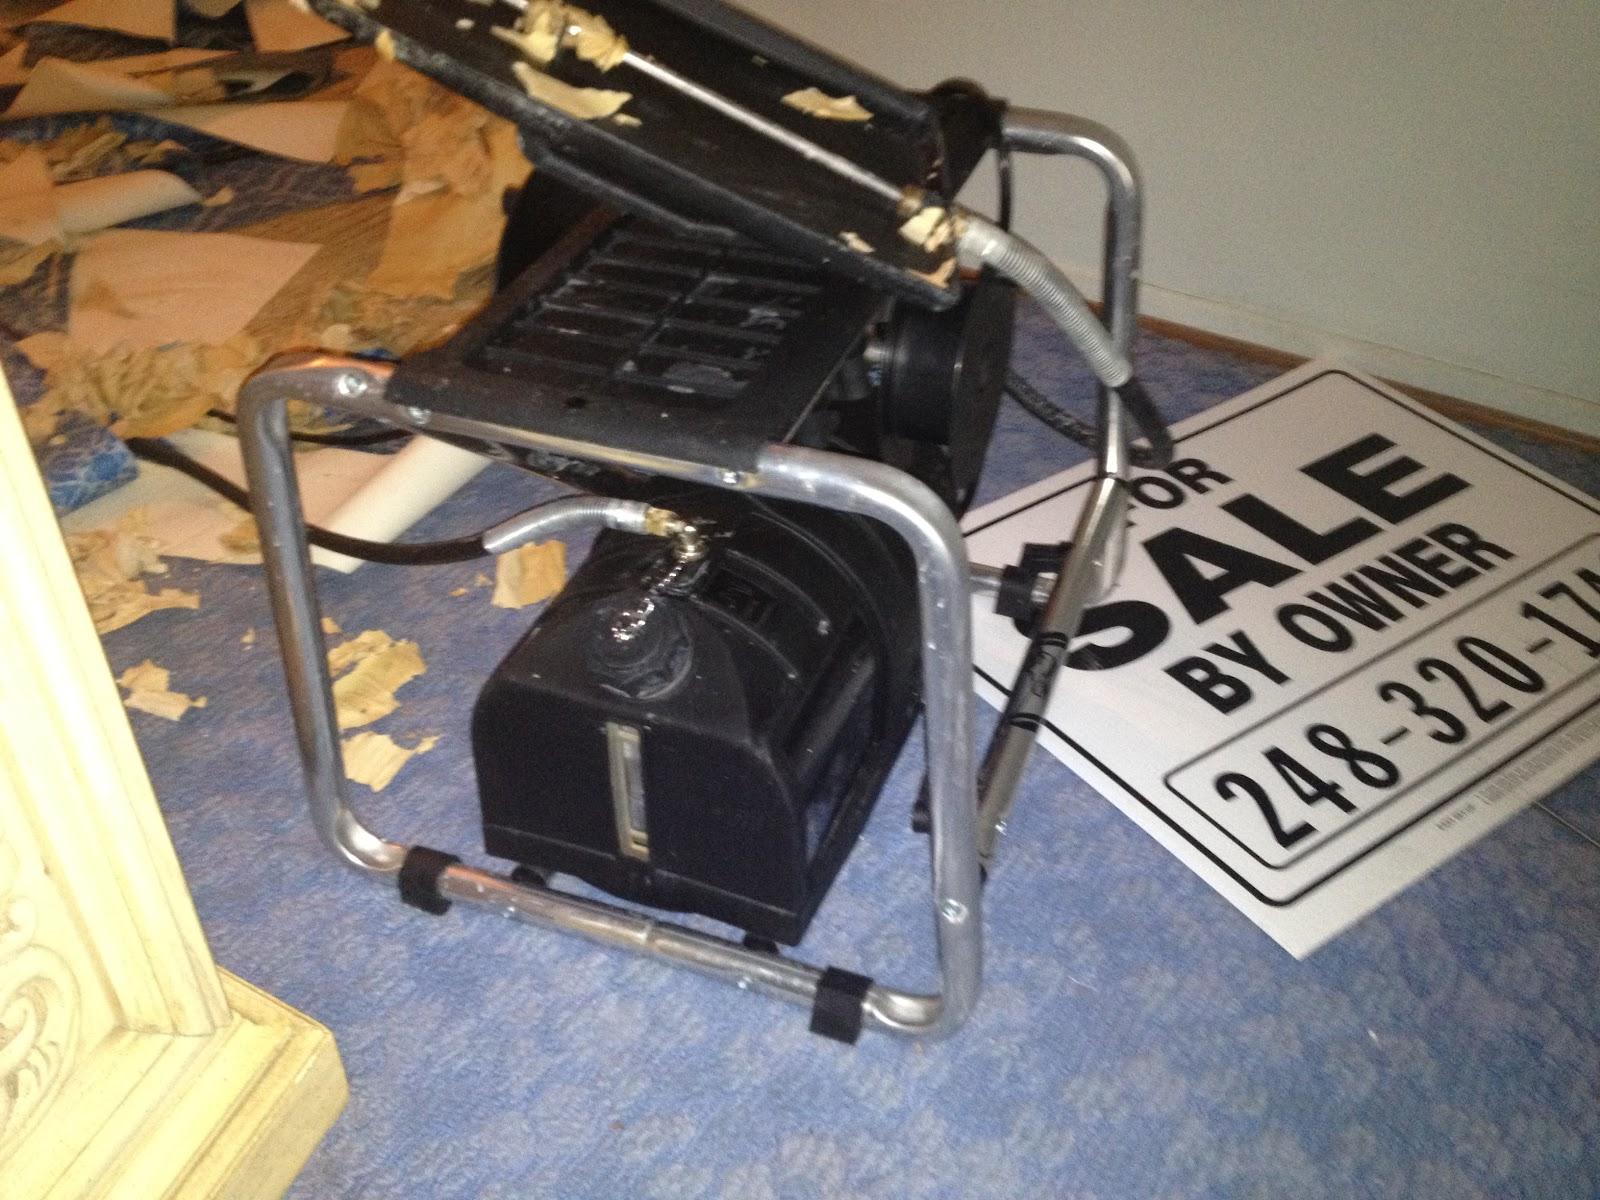 Home Depot Rental Wallpaper Steamer Maybe I Could Rent Dealer 1600x1200